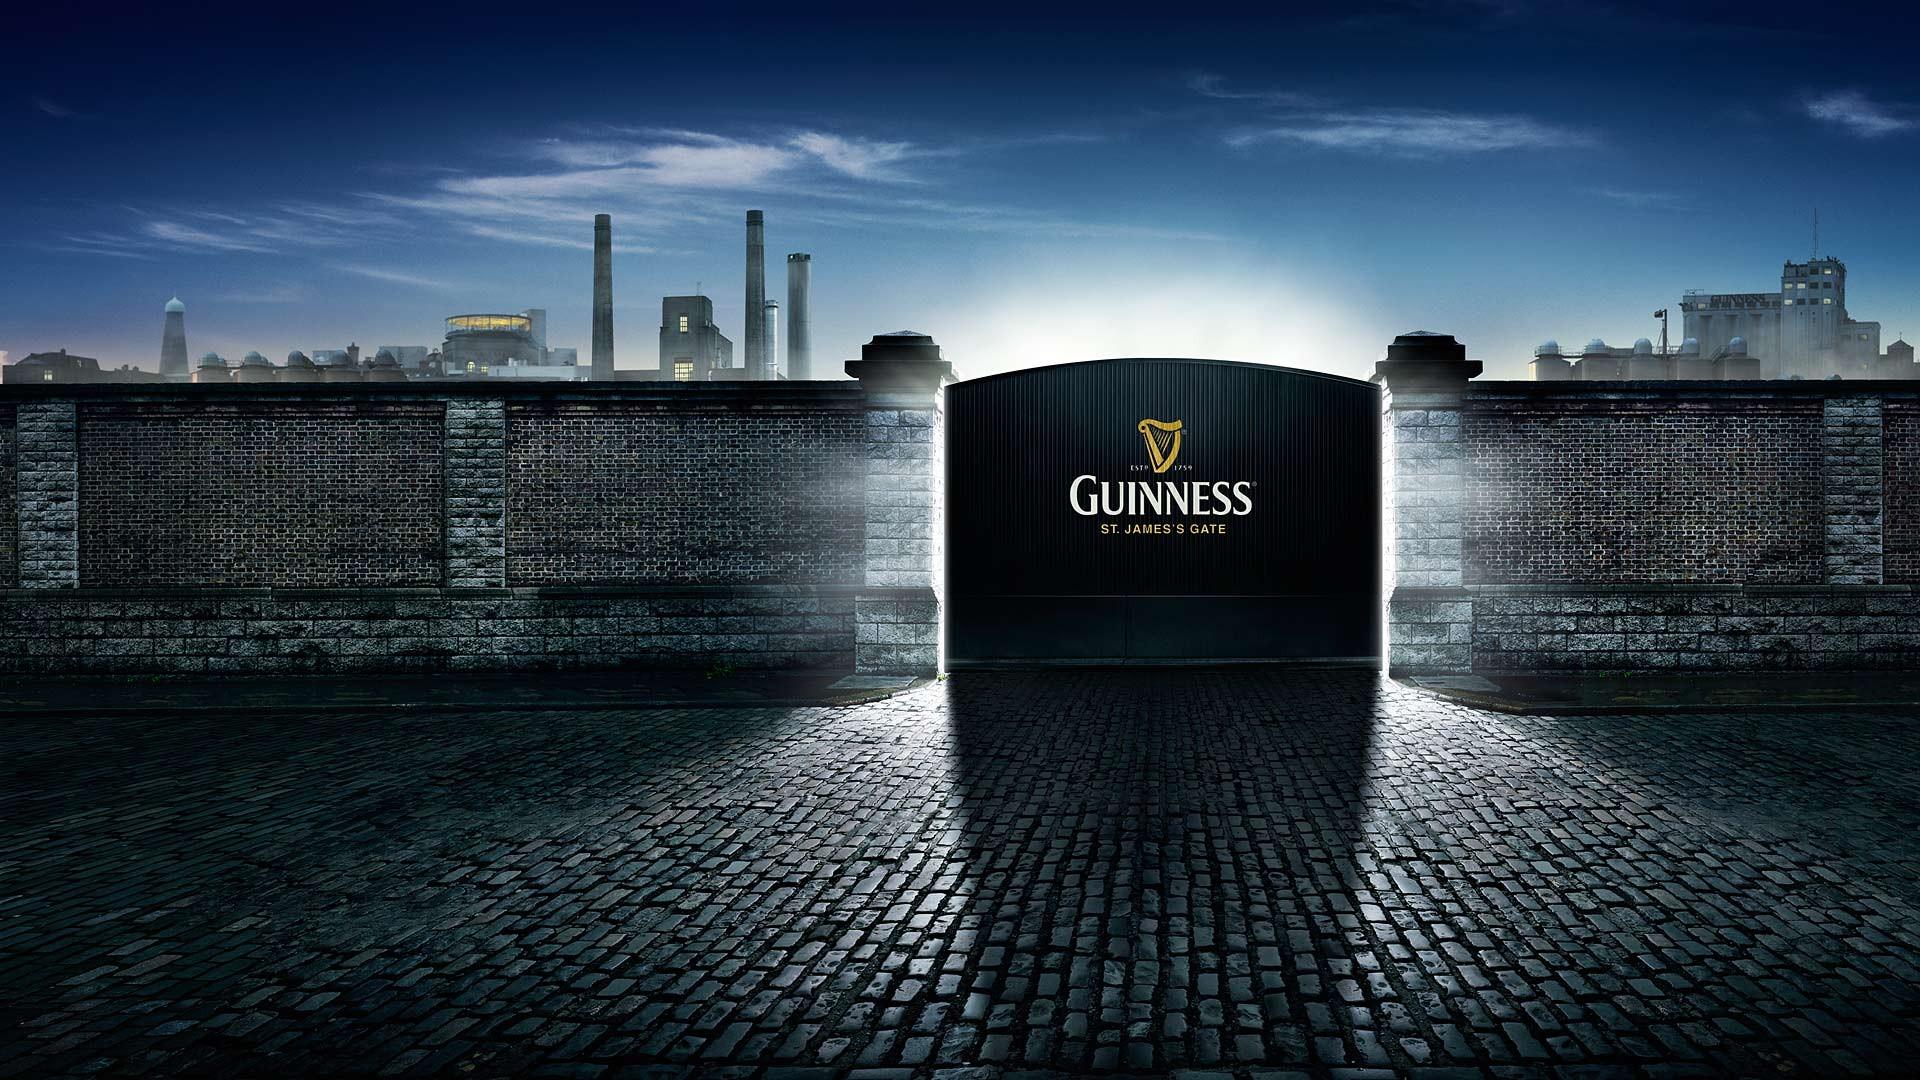 Guinness Computer Wallpapers, Desktop Backgrounds ...